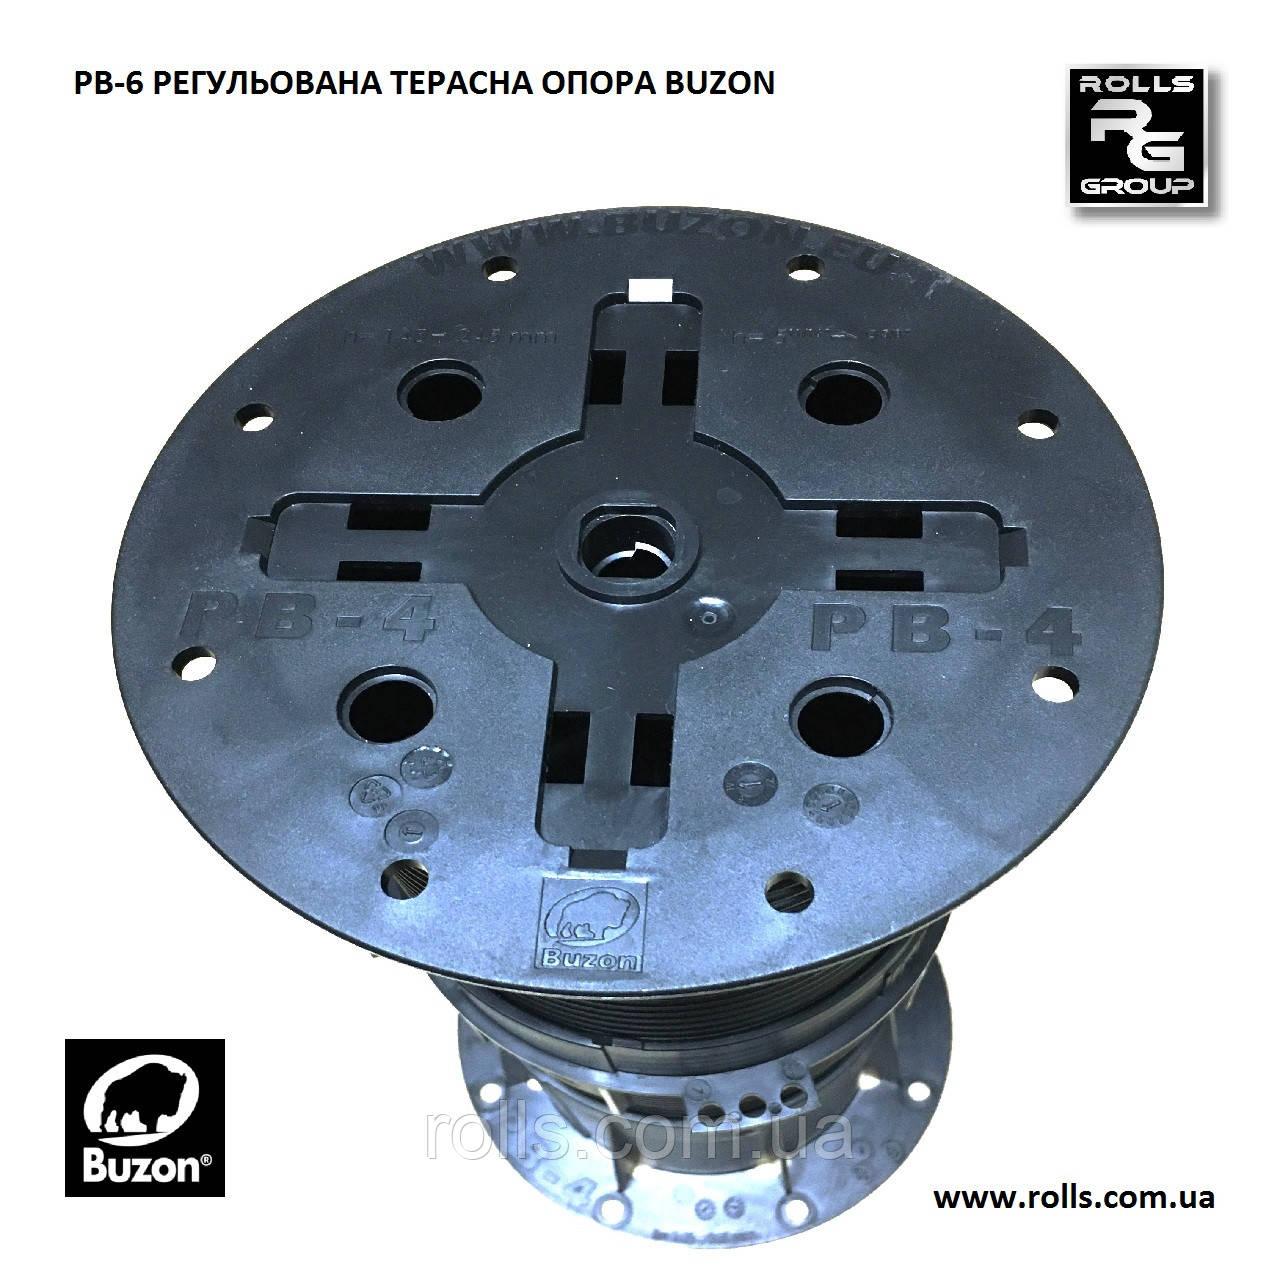 PB-6 Регулируемая опора h285-367мм без корректора уклона Buzon терраса, отмостка бассейна